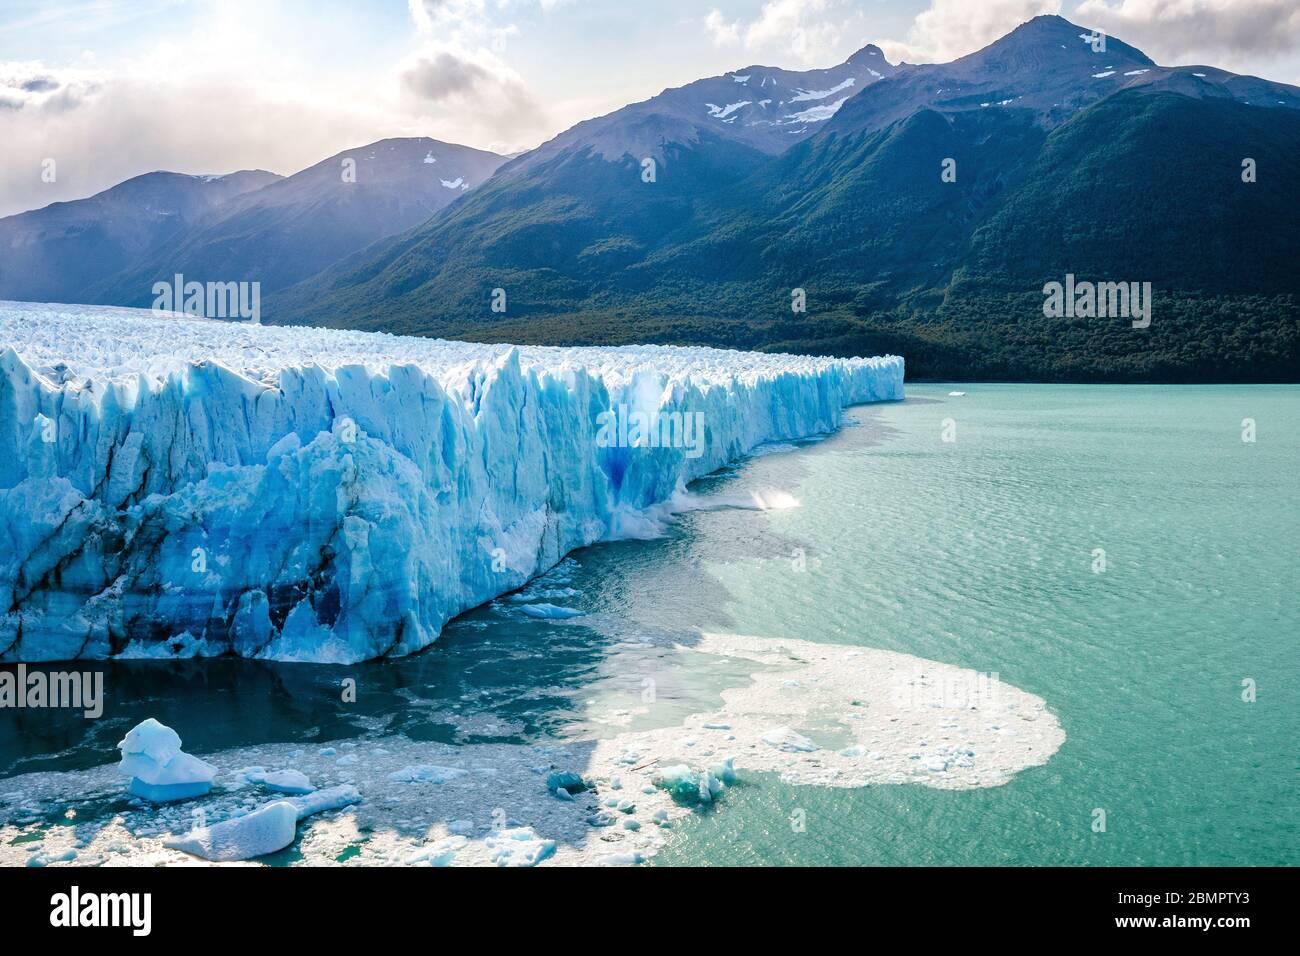 Hielo colapsando en el agua en el Glaciar Perito Moreno en el Parque Nacional los Glaciares cerca de el Calafate, Patagonia Argentina, Sudamérica. Foto de stock